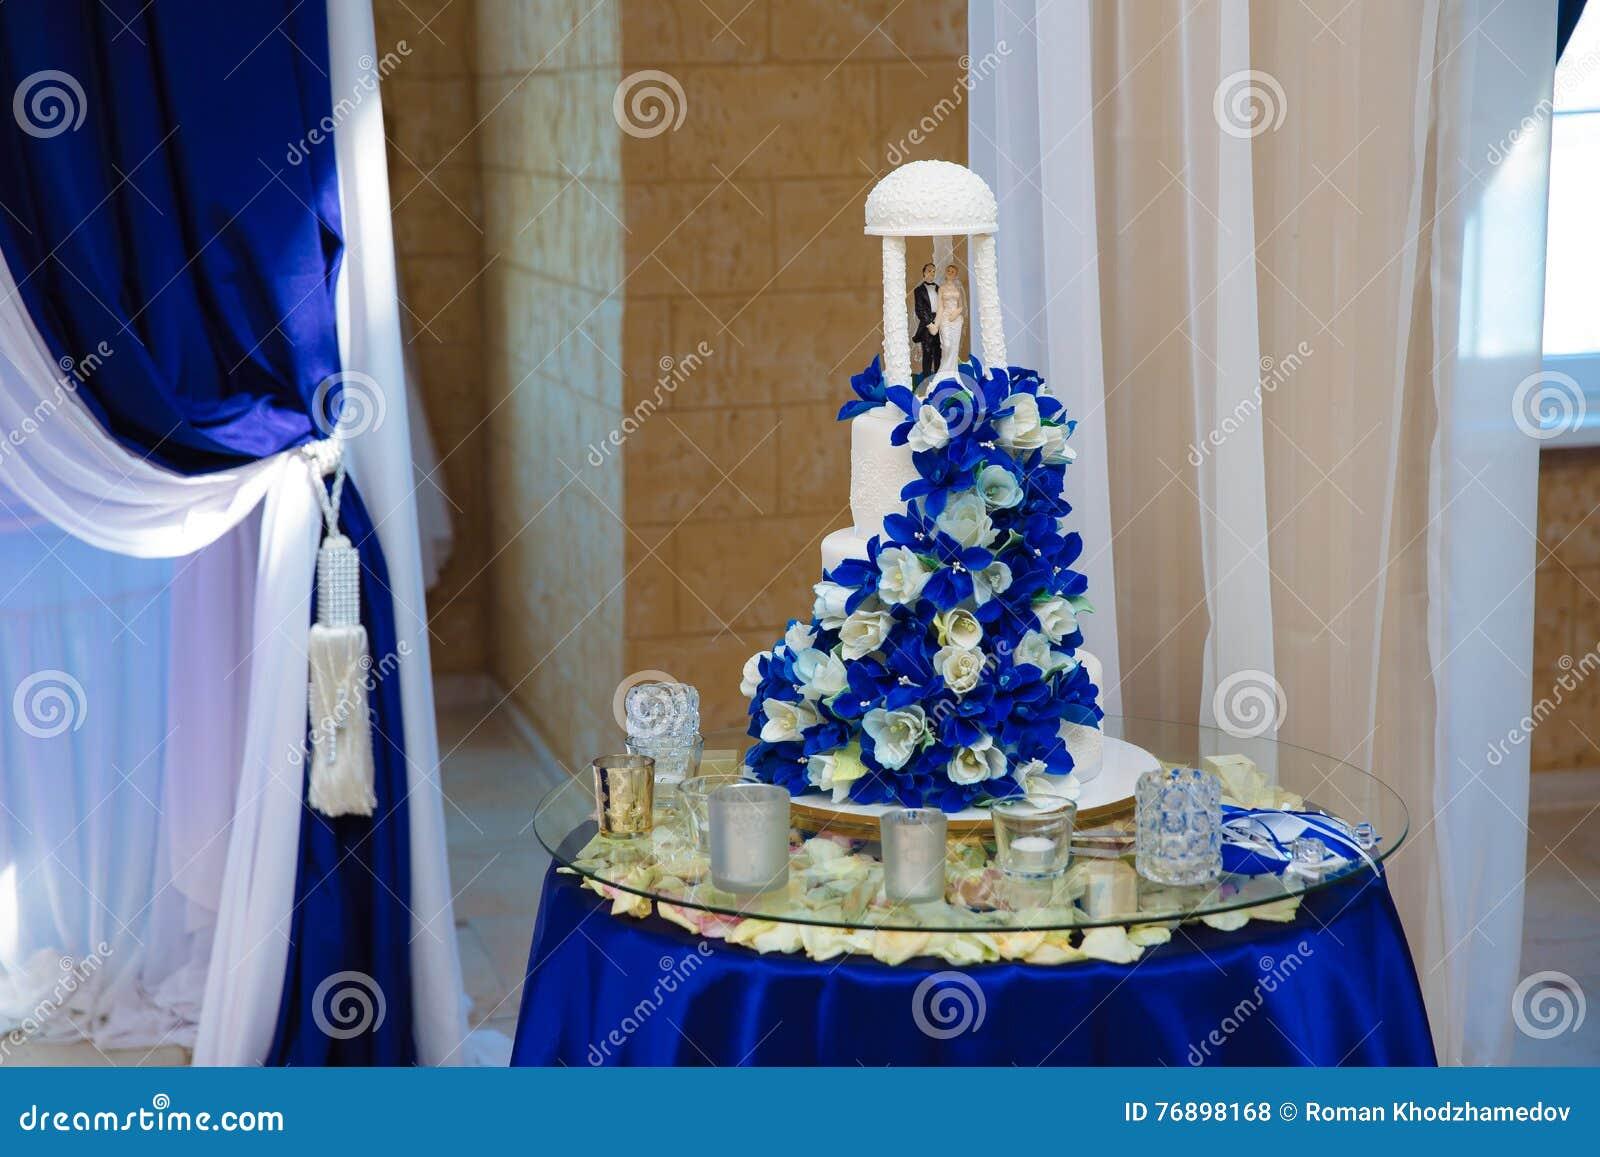 Susse Mehrstufige Hochzeitstorte Verziert Mit Blauen Blumen Stockfoto